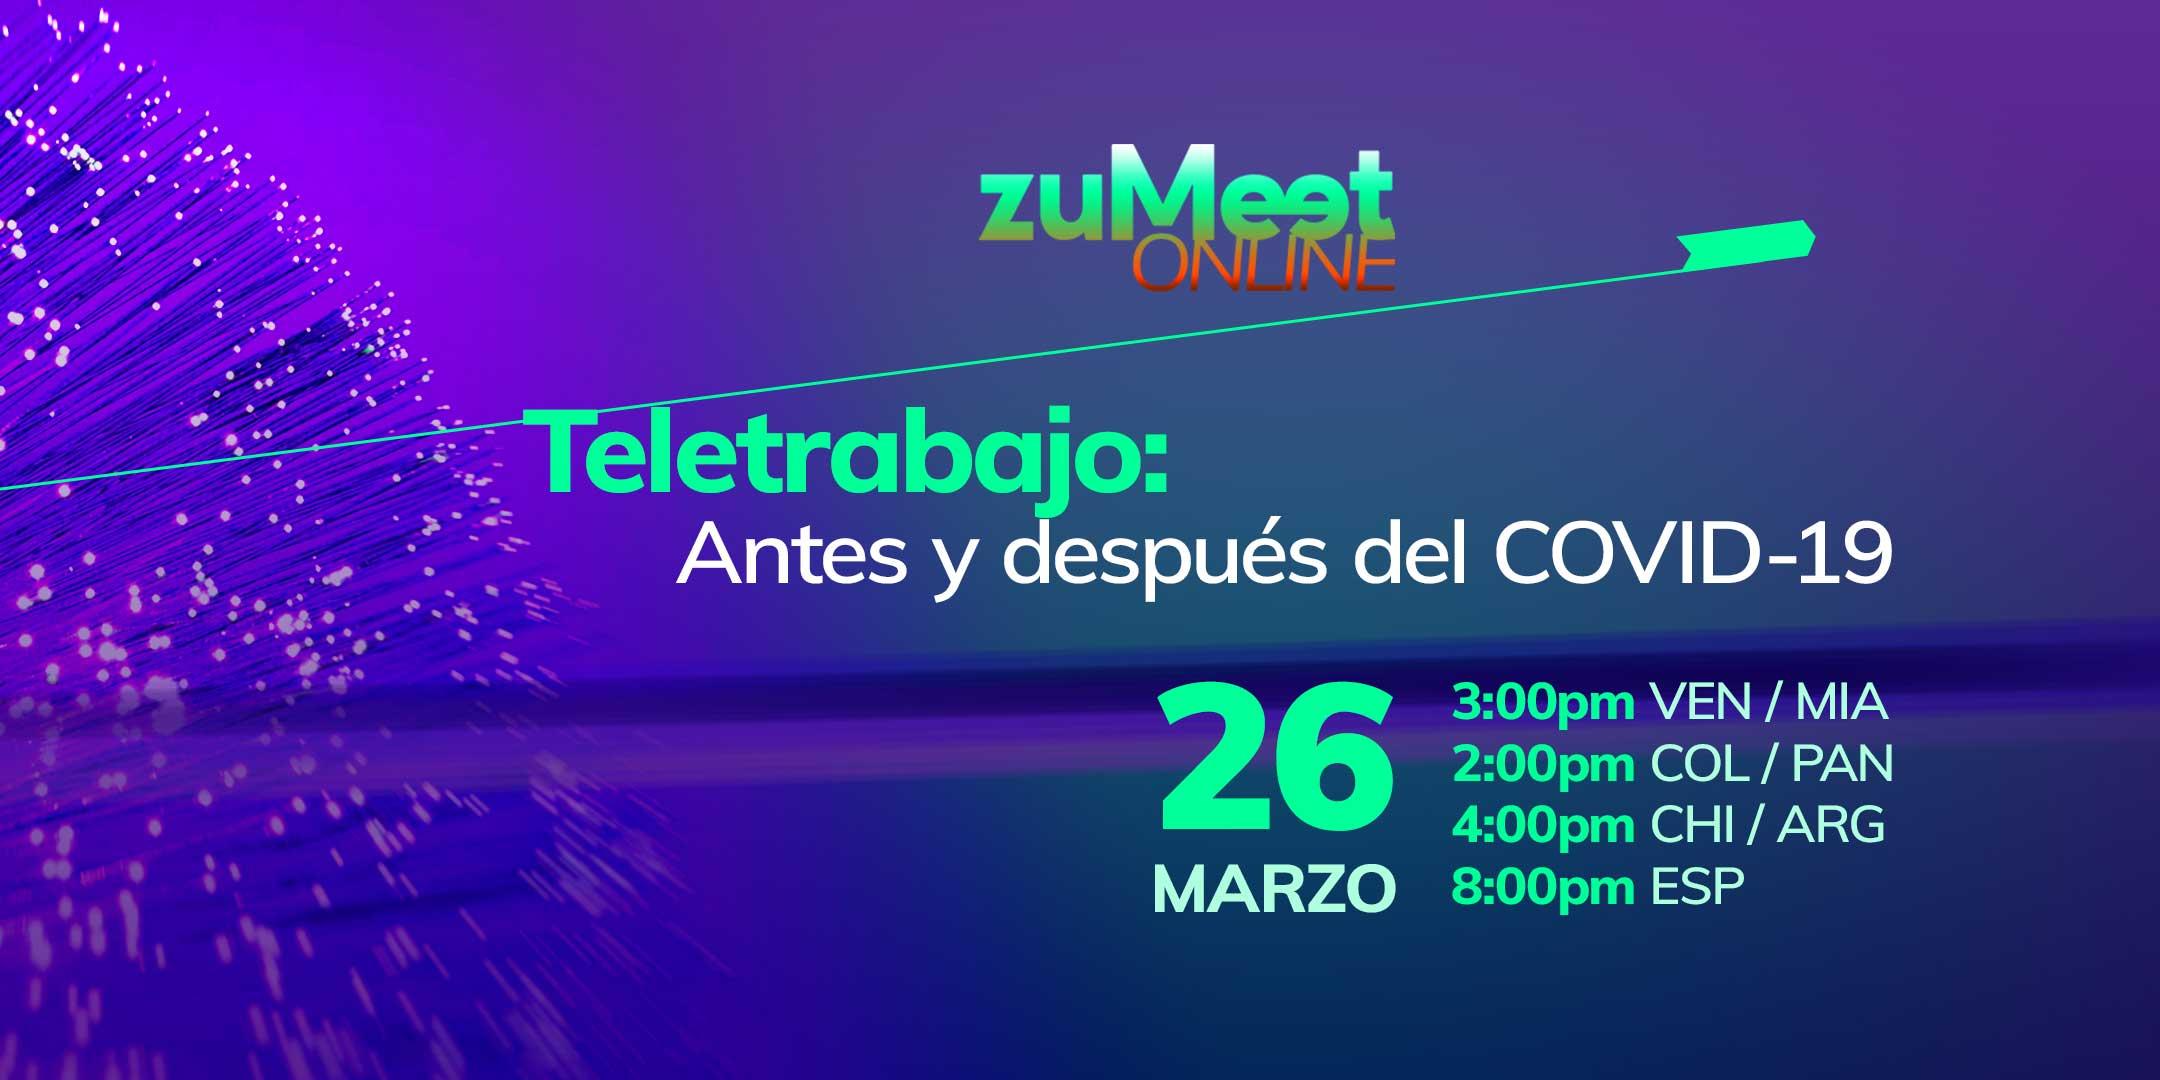 zuMeet Online La Experiencia del Teletrabajo-zuliatec